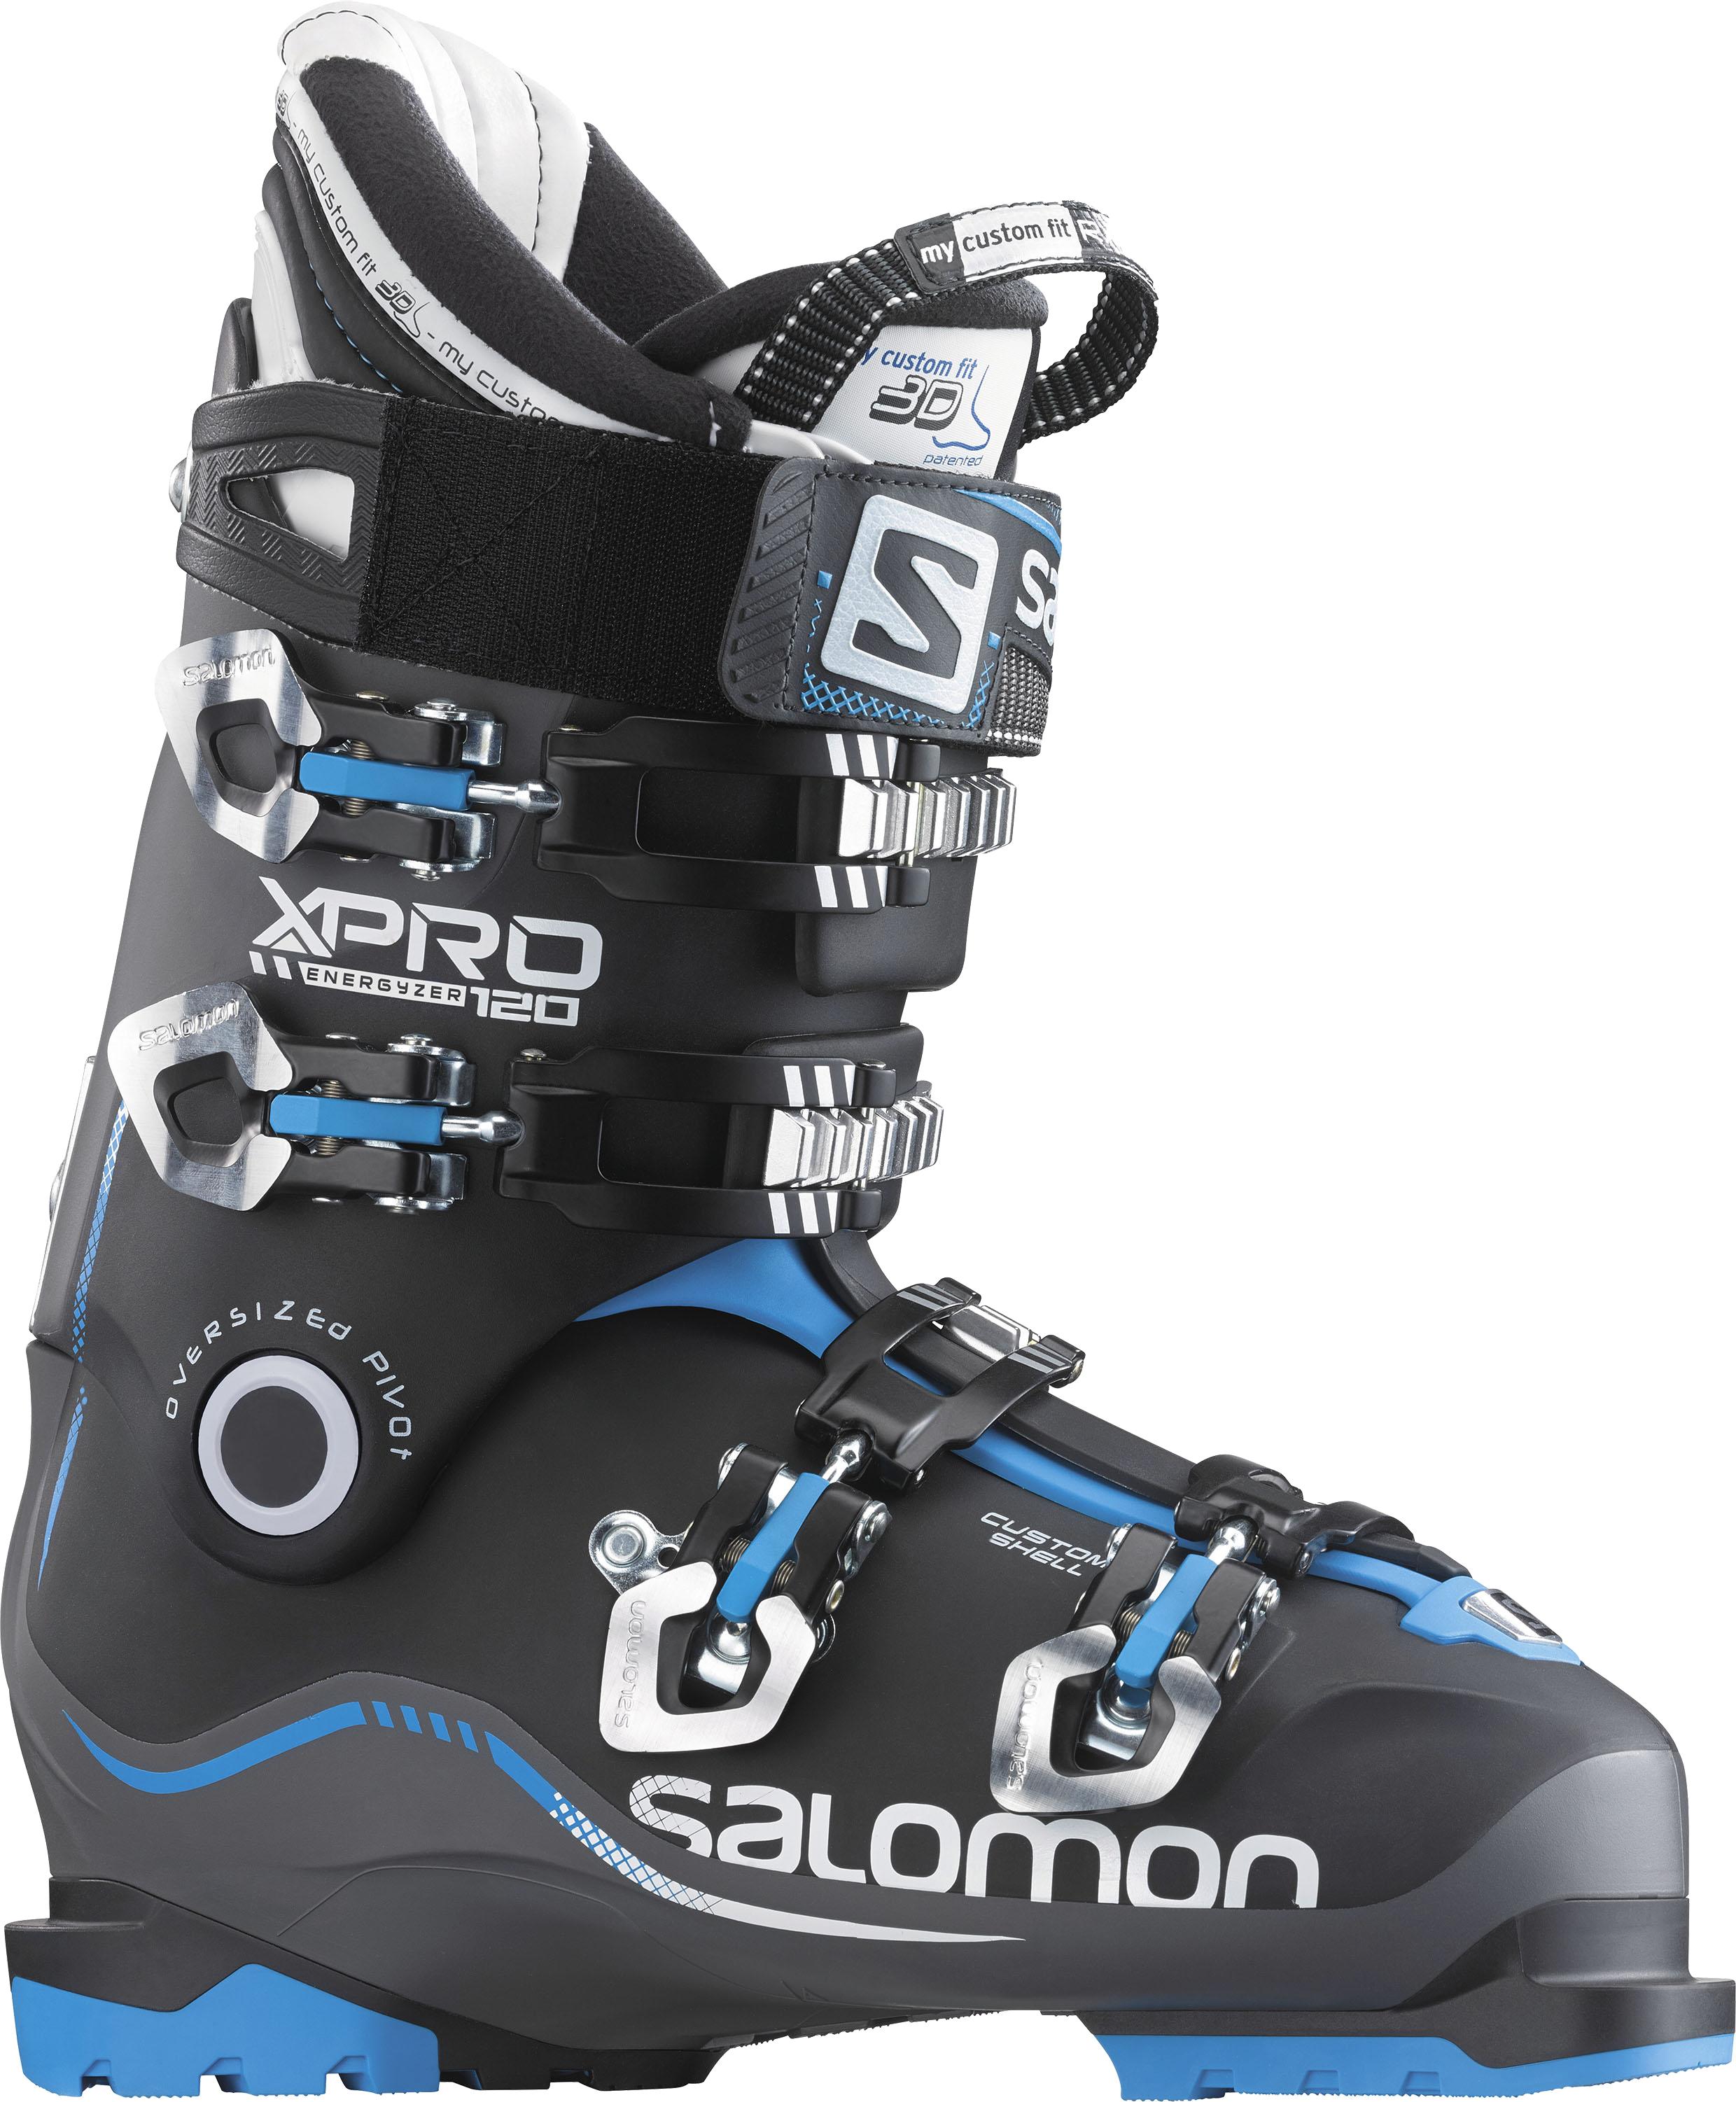 reduzierter Preis Vielzahl von Designs und Farben großer Lagerverkauf Salomon X-Pro 120 Ski Boots - Men's | MEC